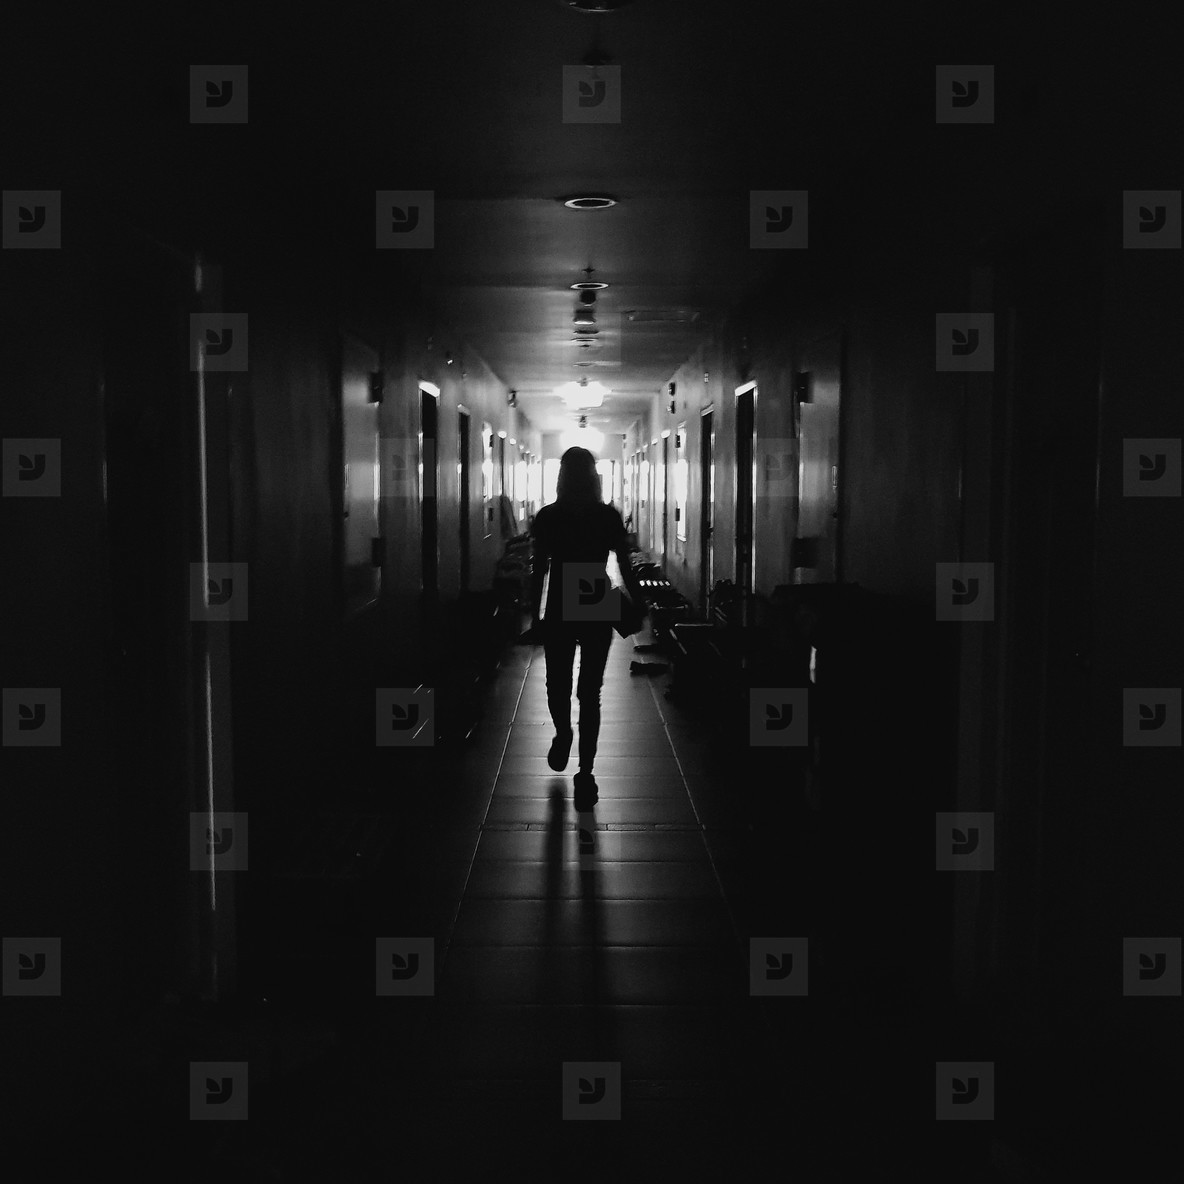 Silhouette of a women walking